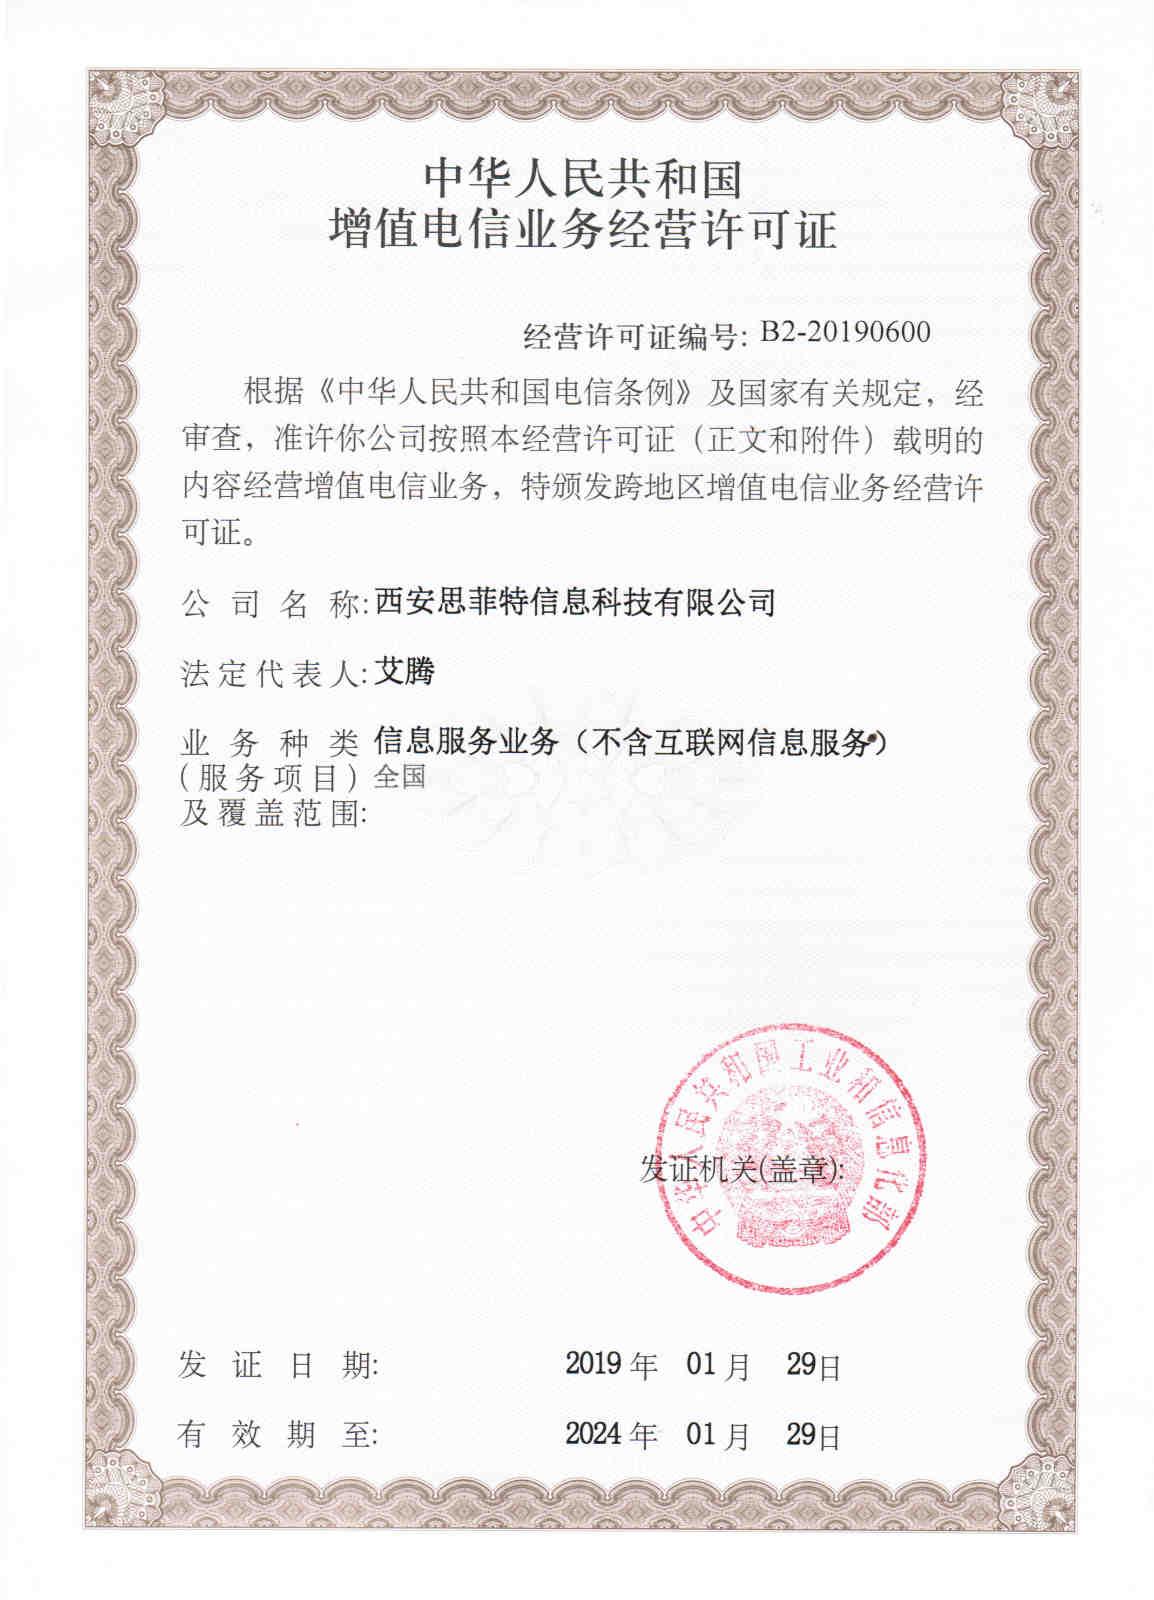 增值电信业务经营许可证_meitu_19.jpg